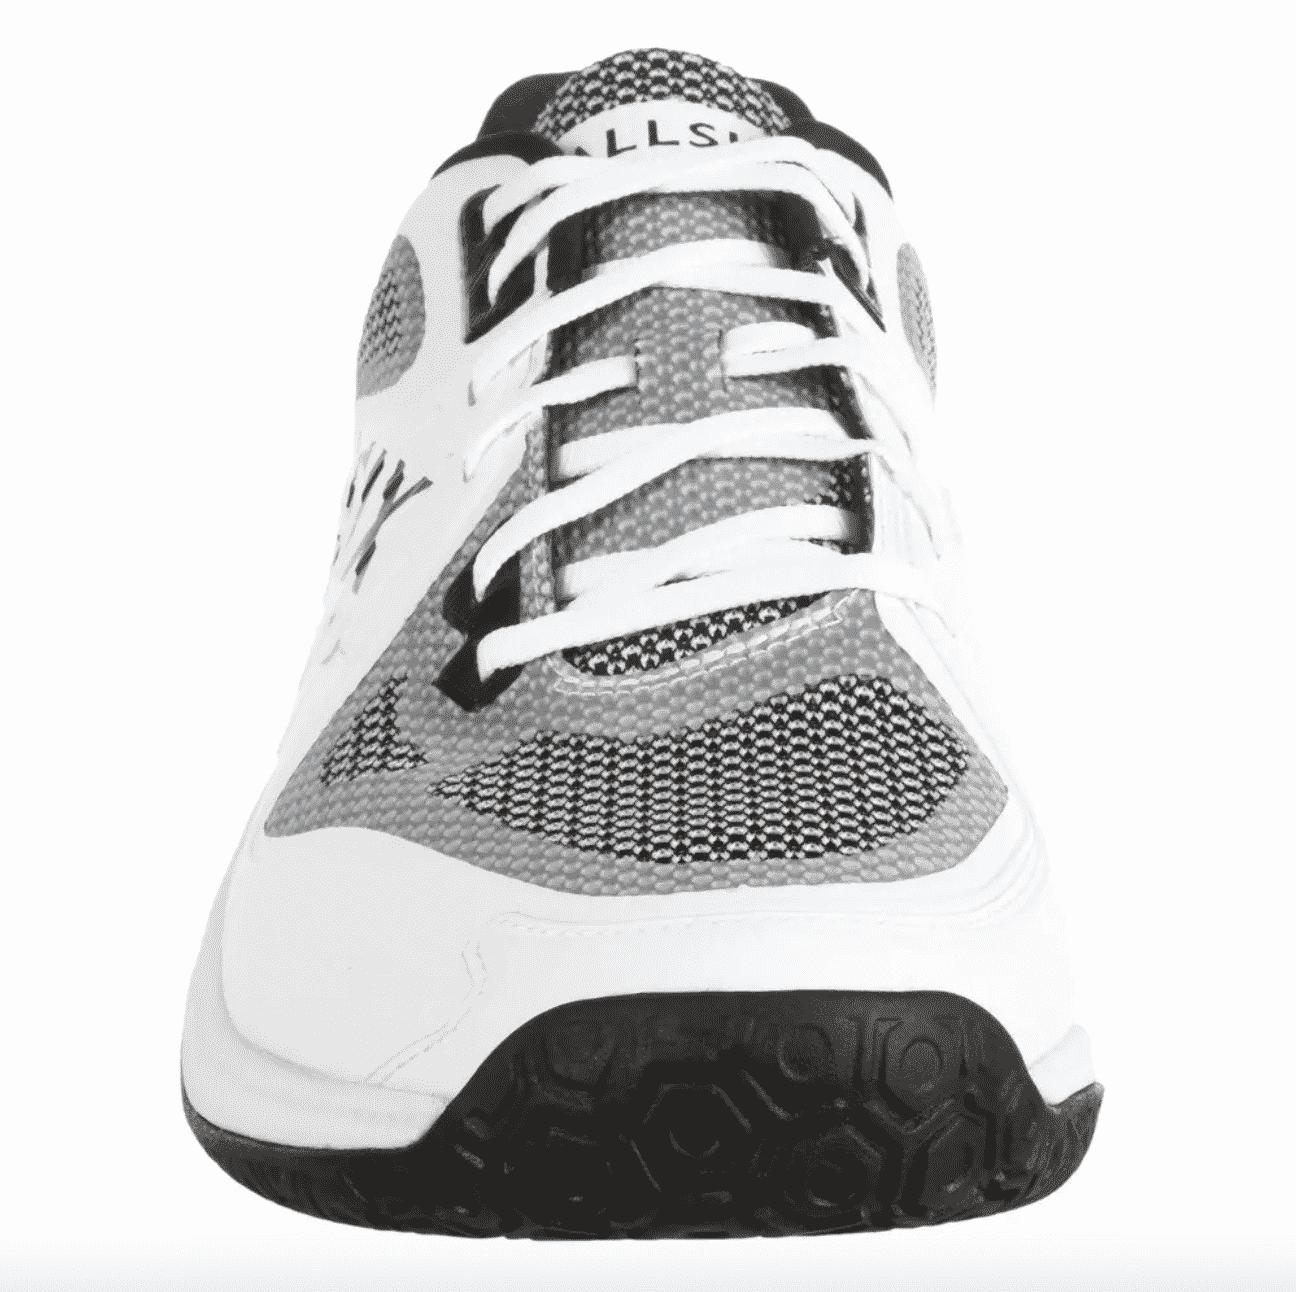 allsix-presente-ses-nouvelles-chaussures-de-volley-vs900-2